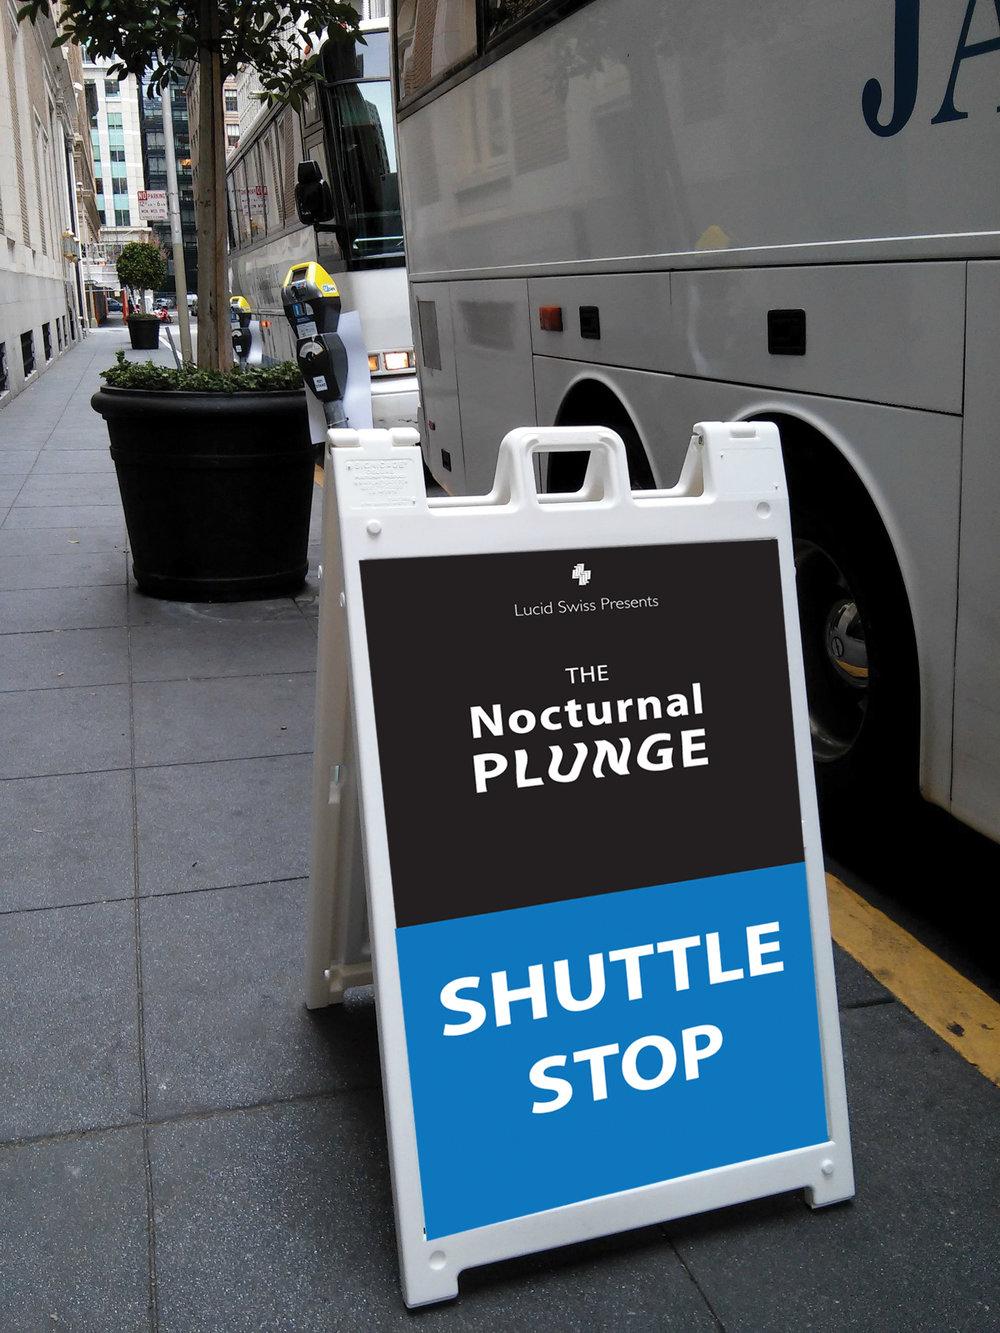 shuttle-stop.jpg